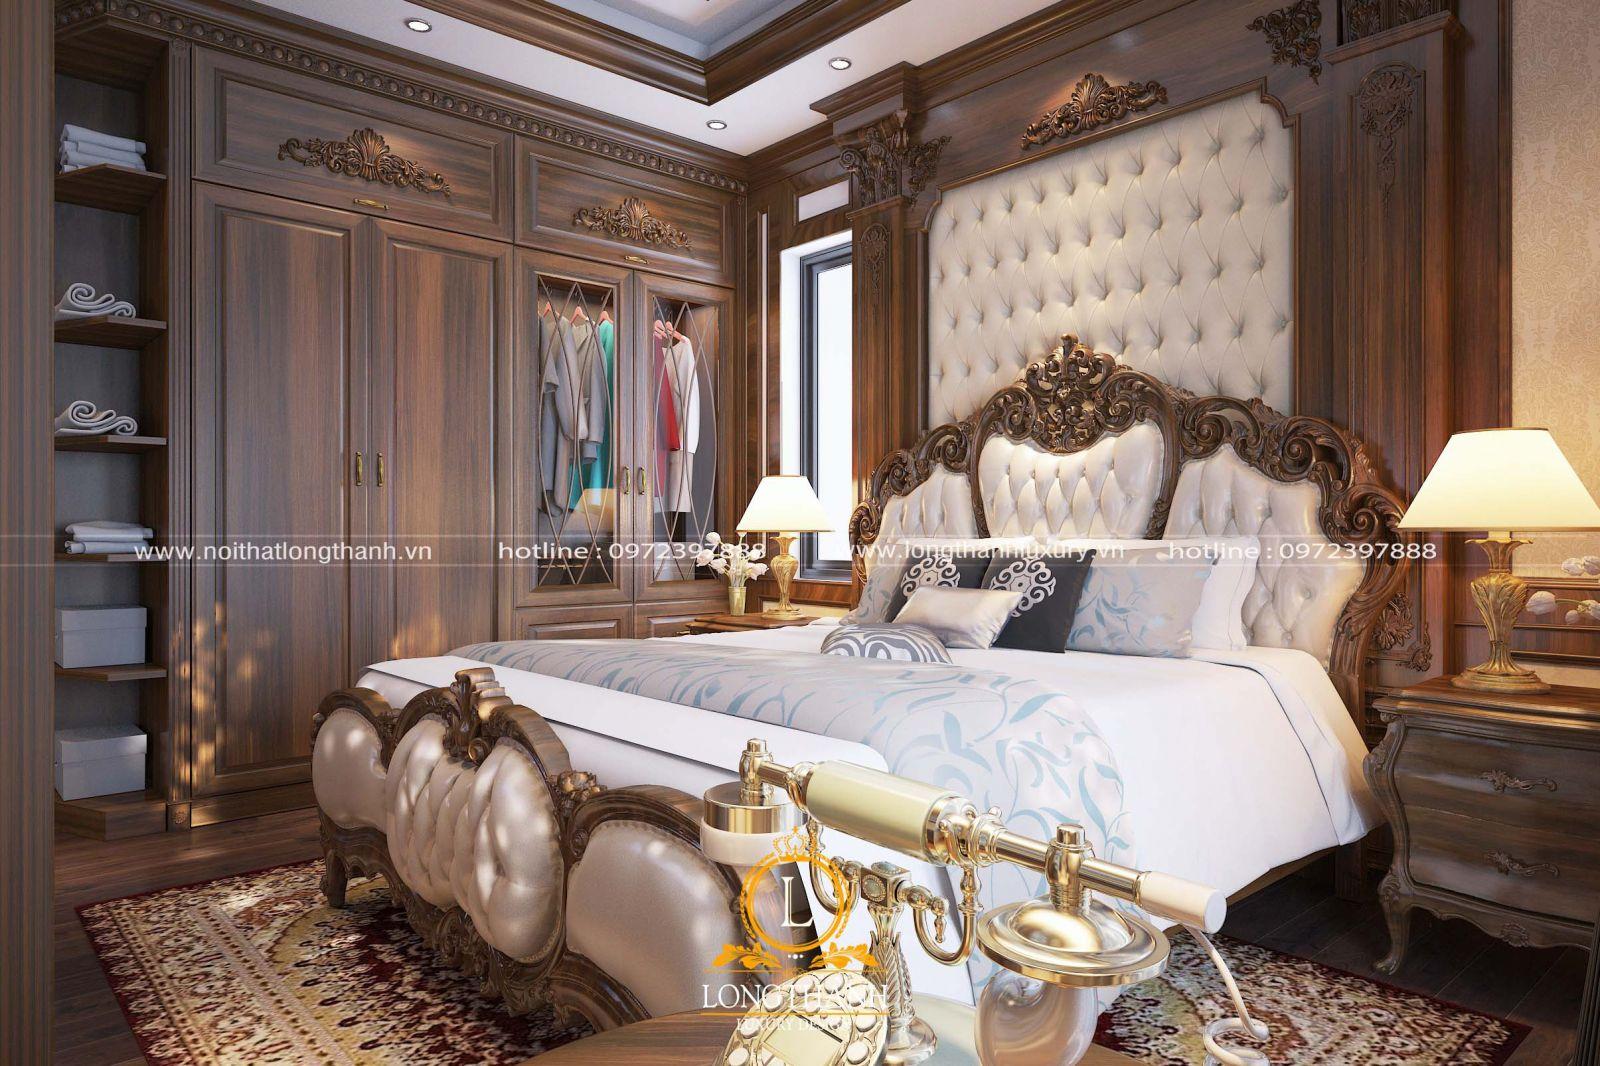 Phòng ngủ cao cấp nhỏ nhắn nhưng tiện nghi và sang trọng